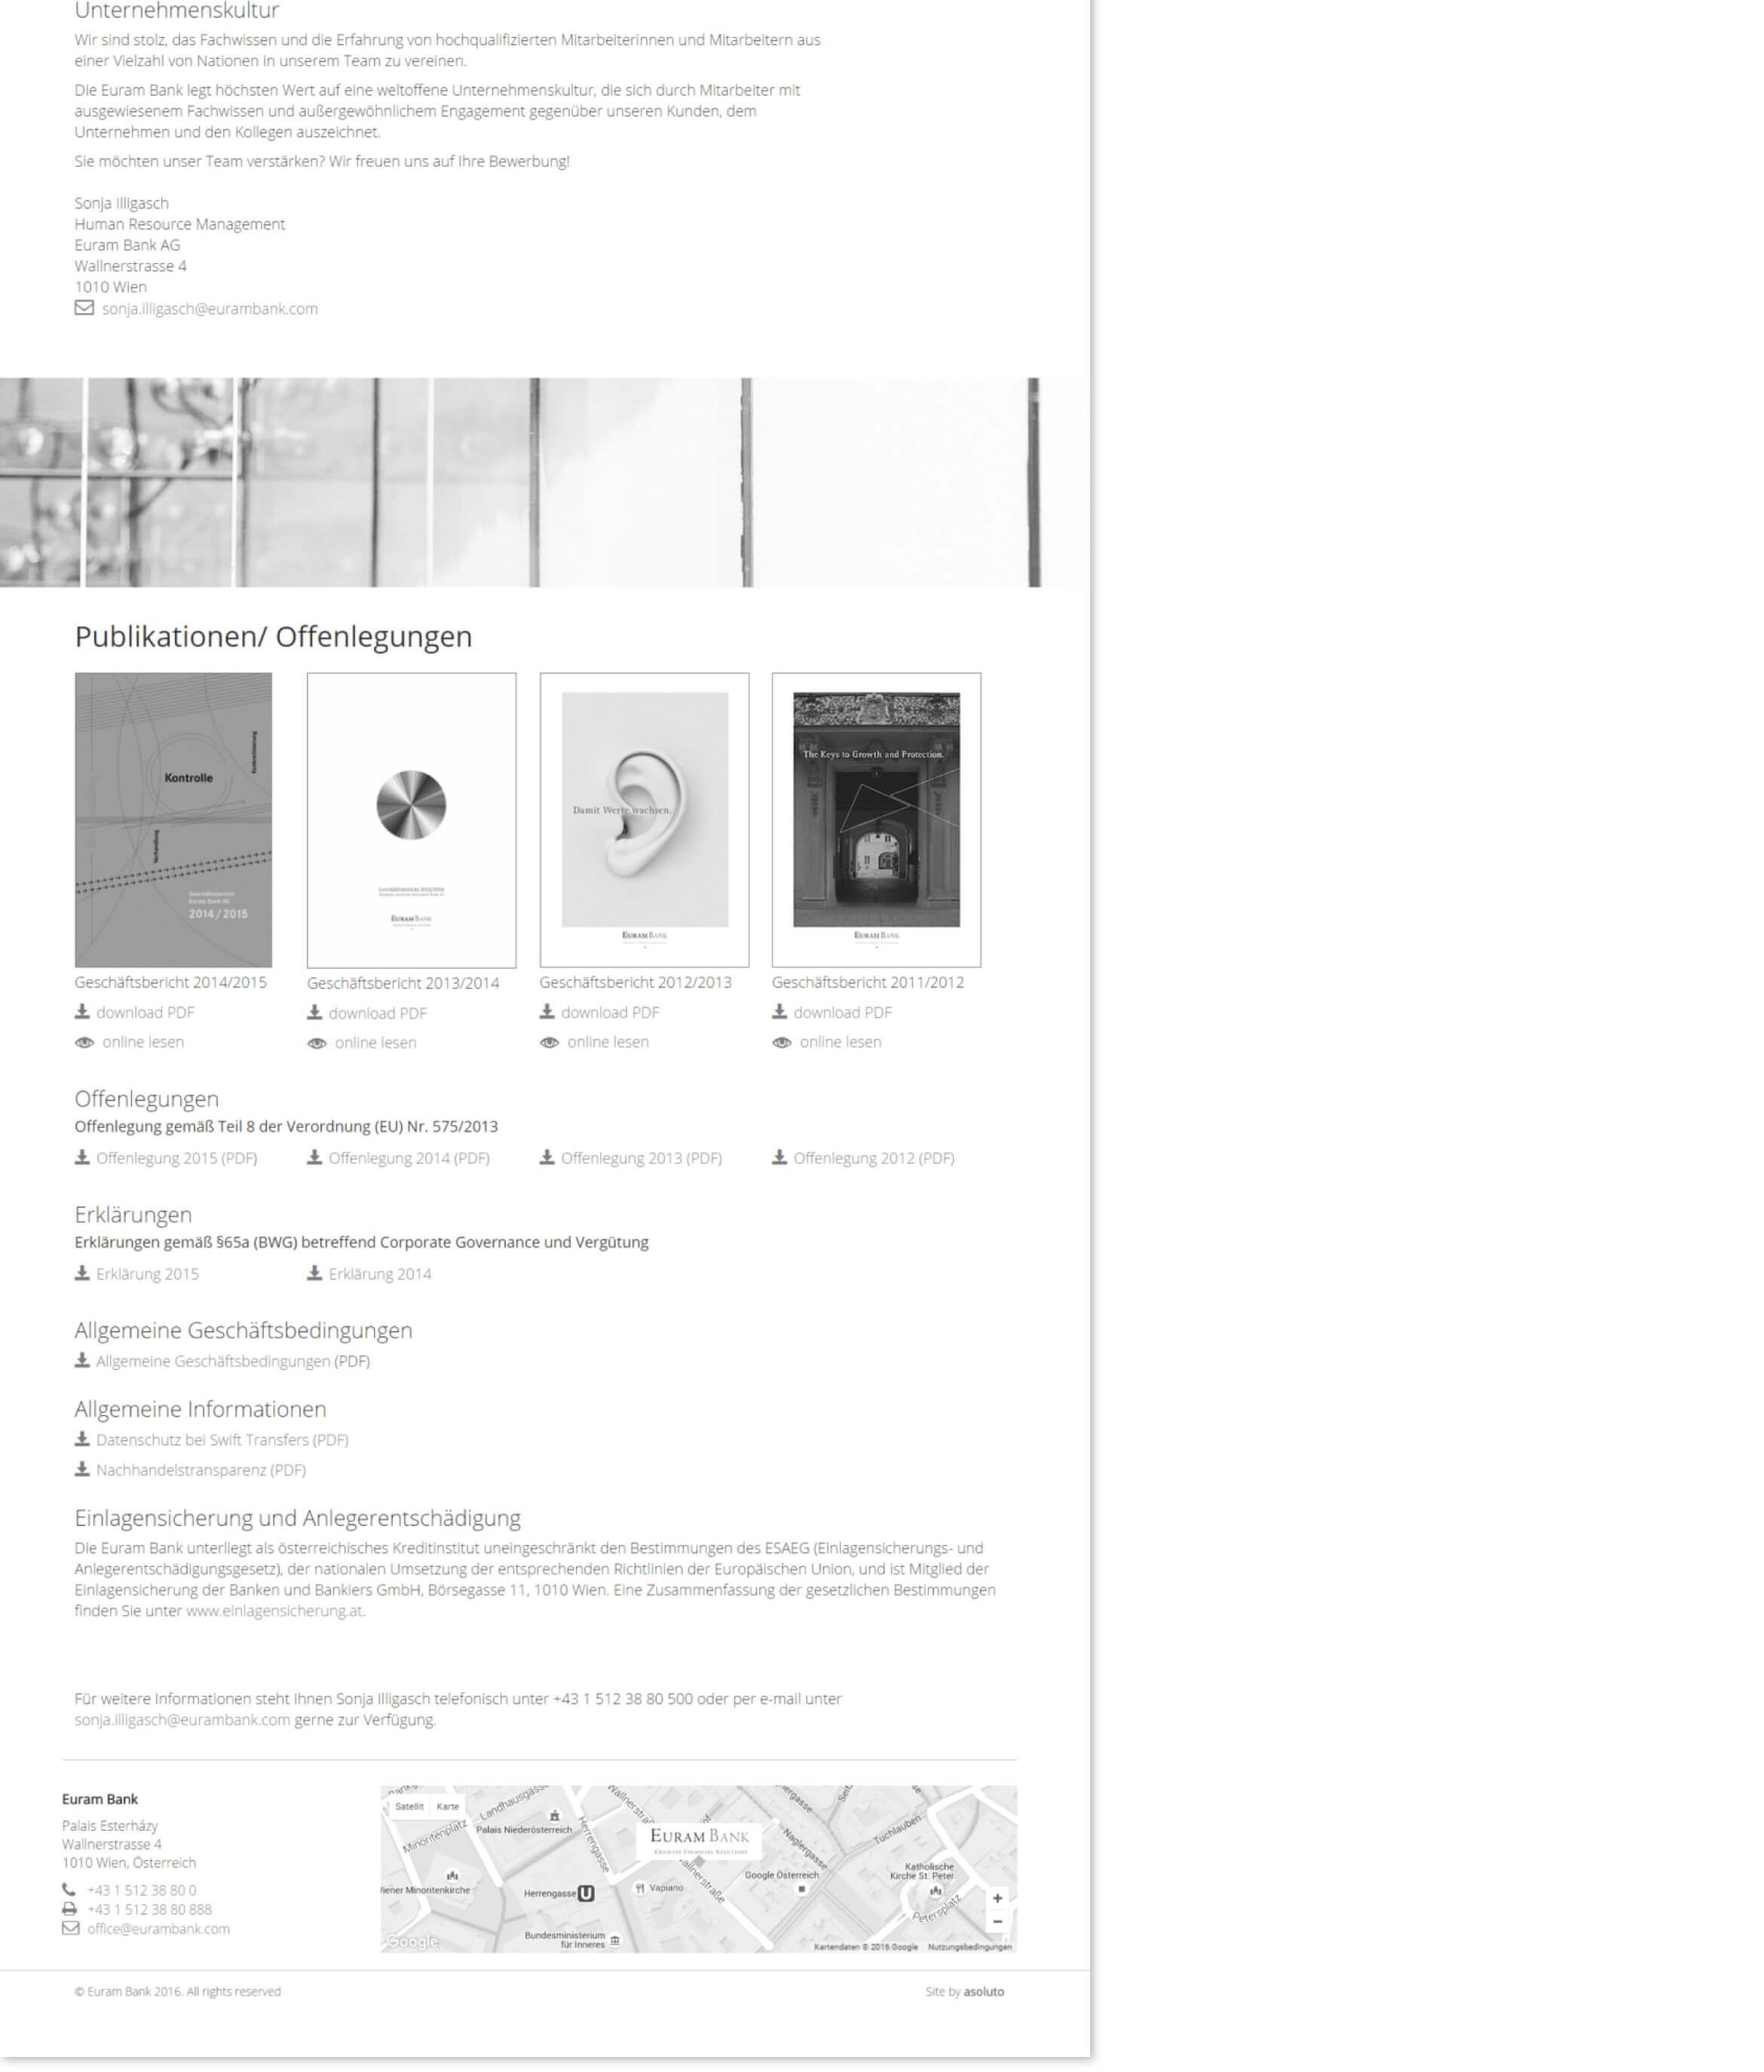 EuramBank-page-part2-UI-UX